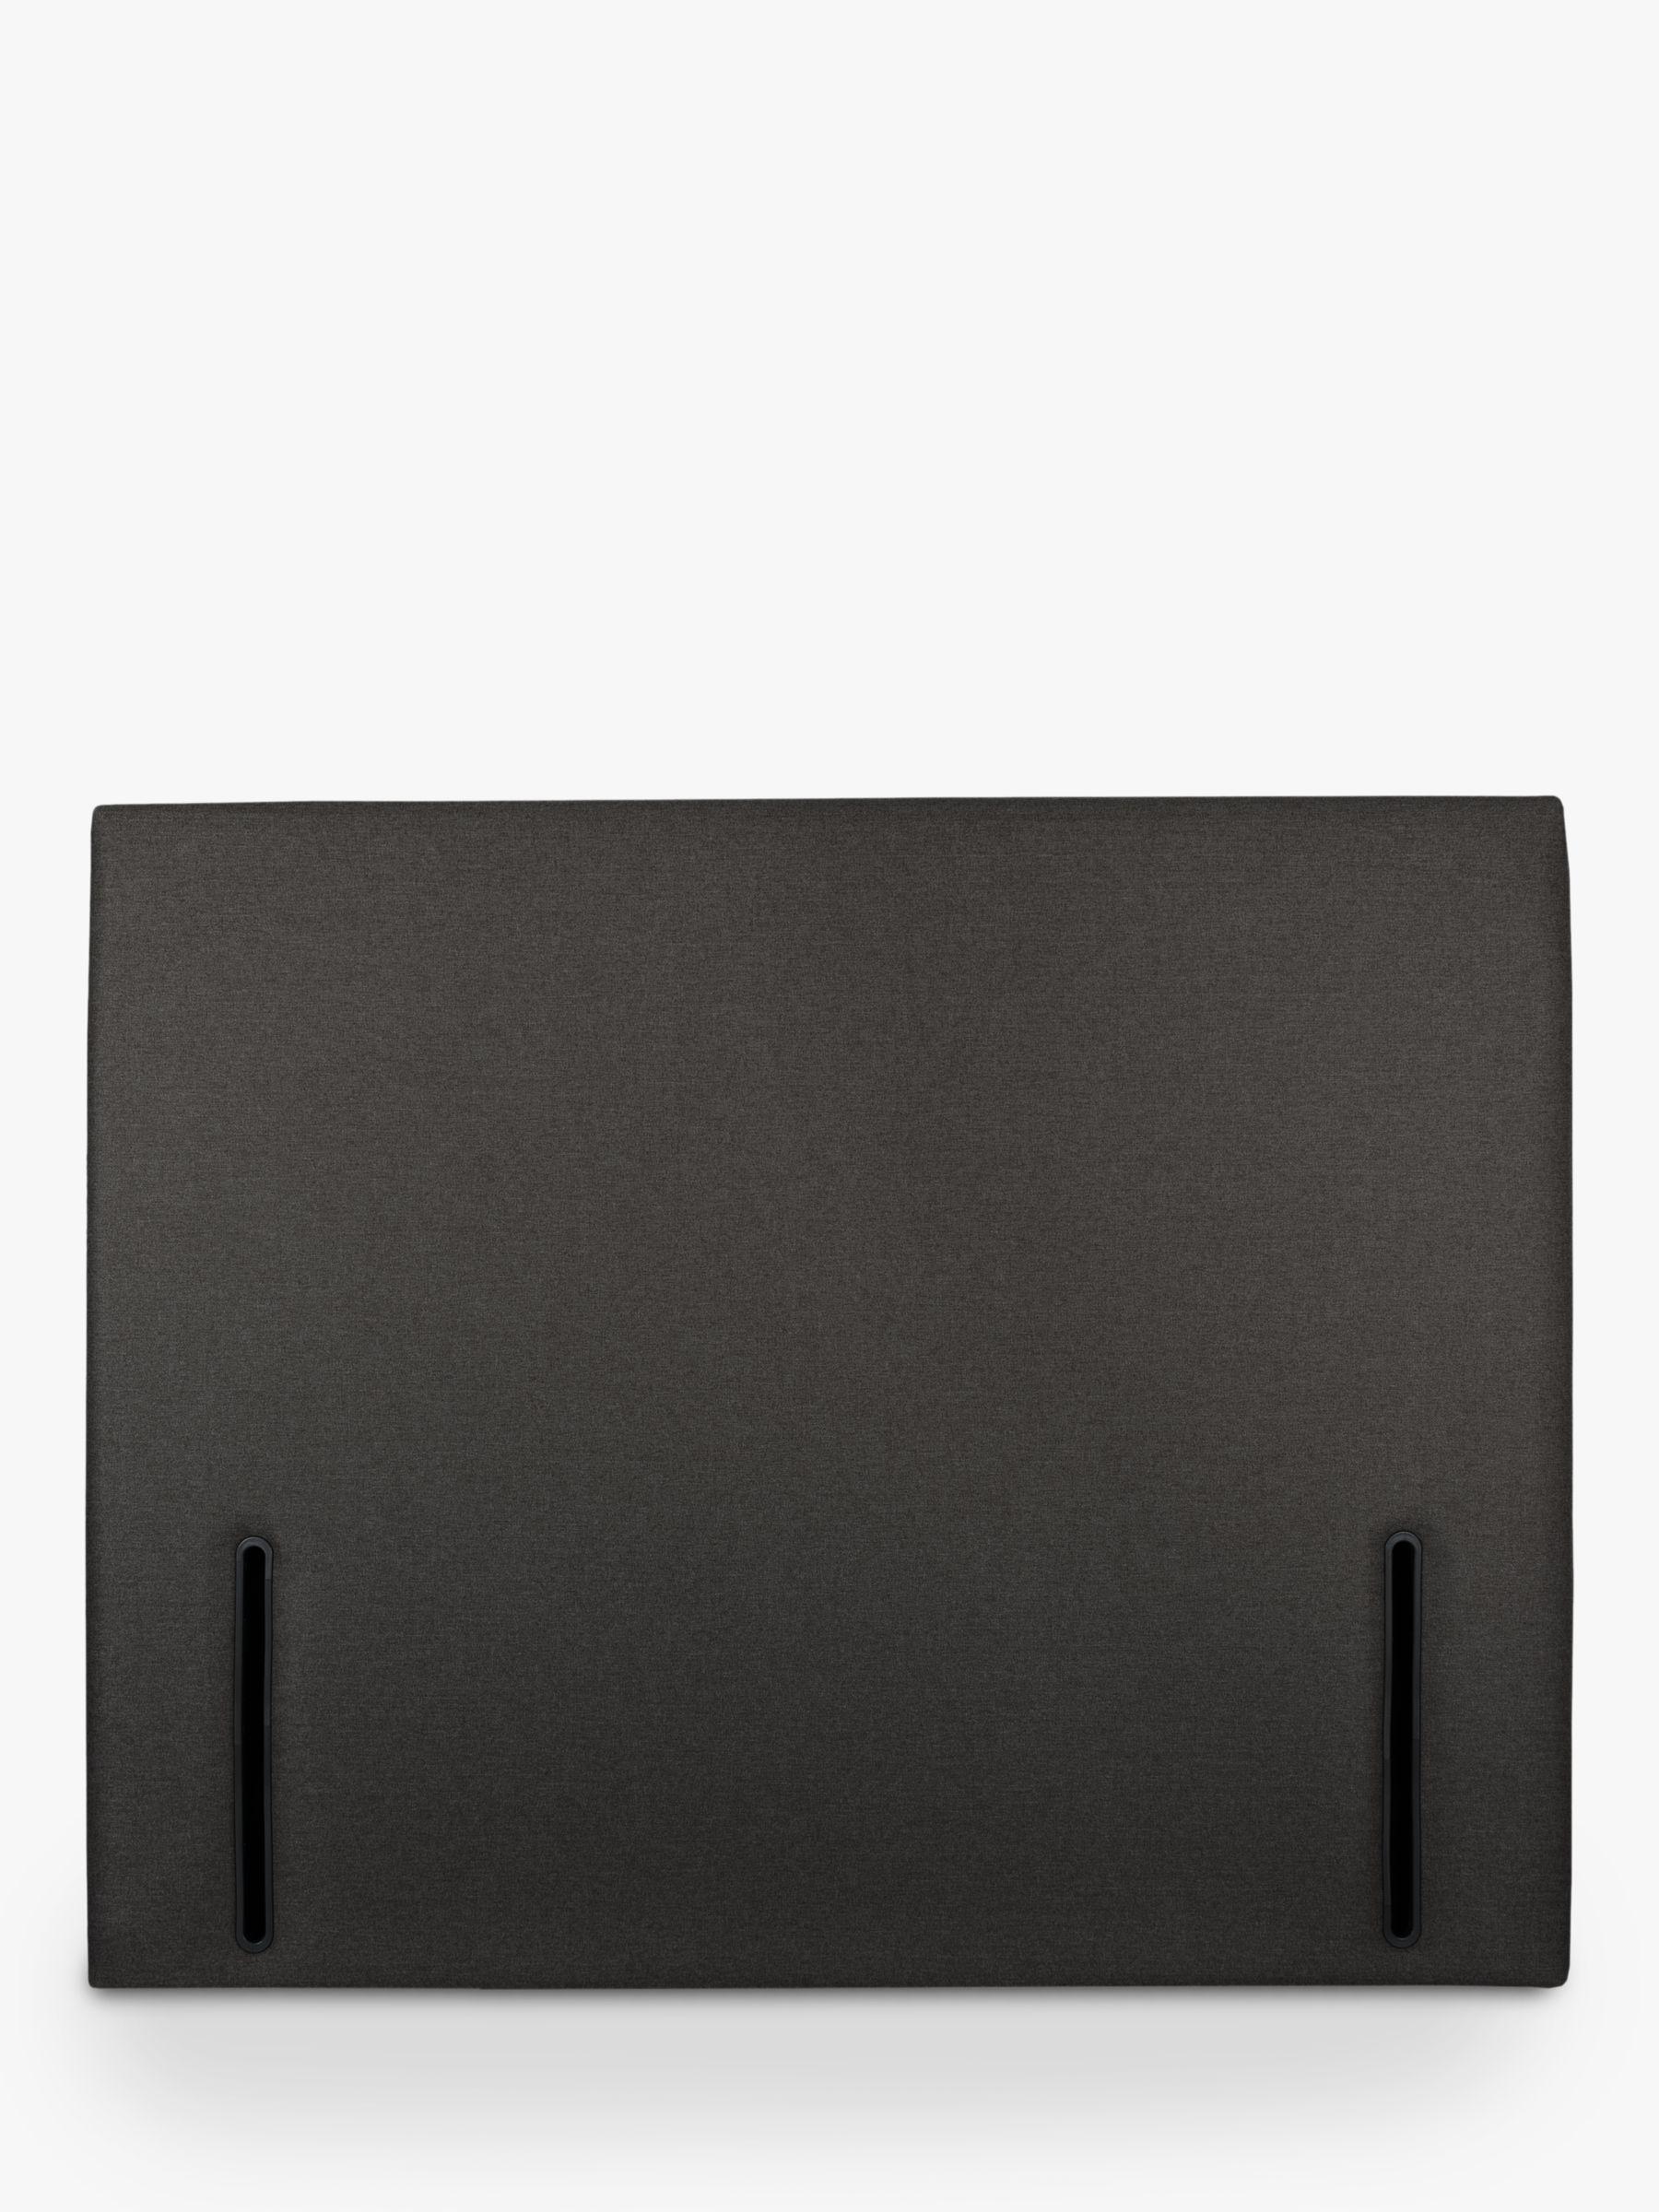 John Lewis & Partners Emily Full Depth Upholstered Headboard, Super King Size